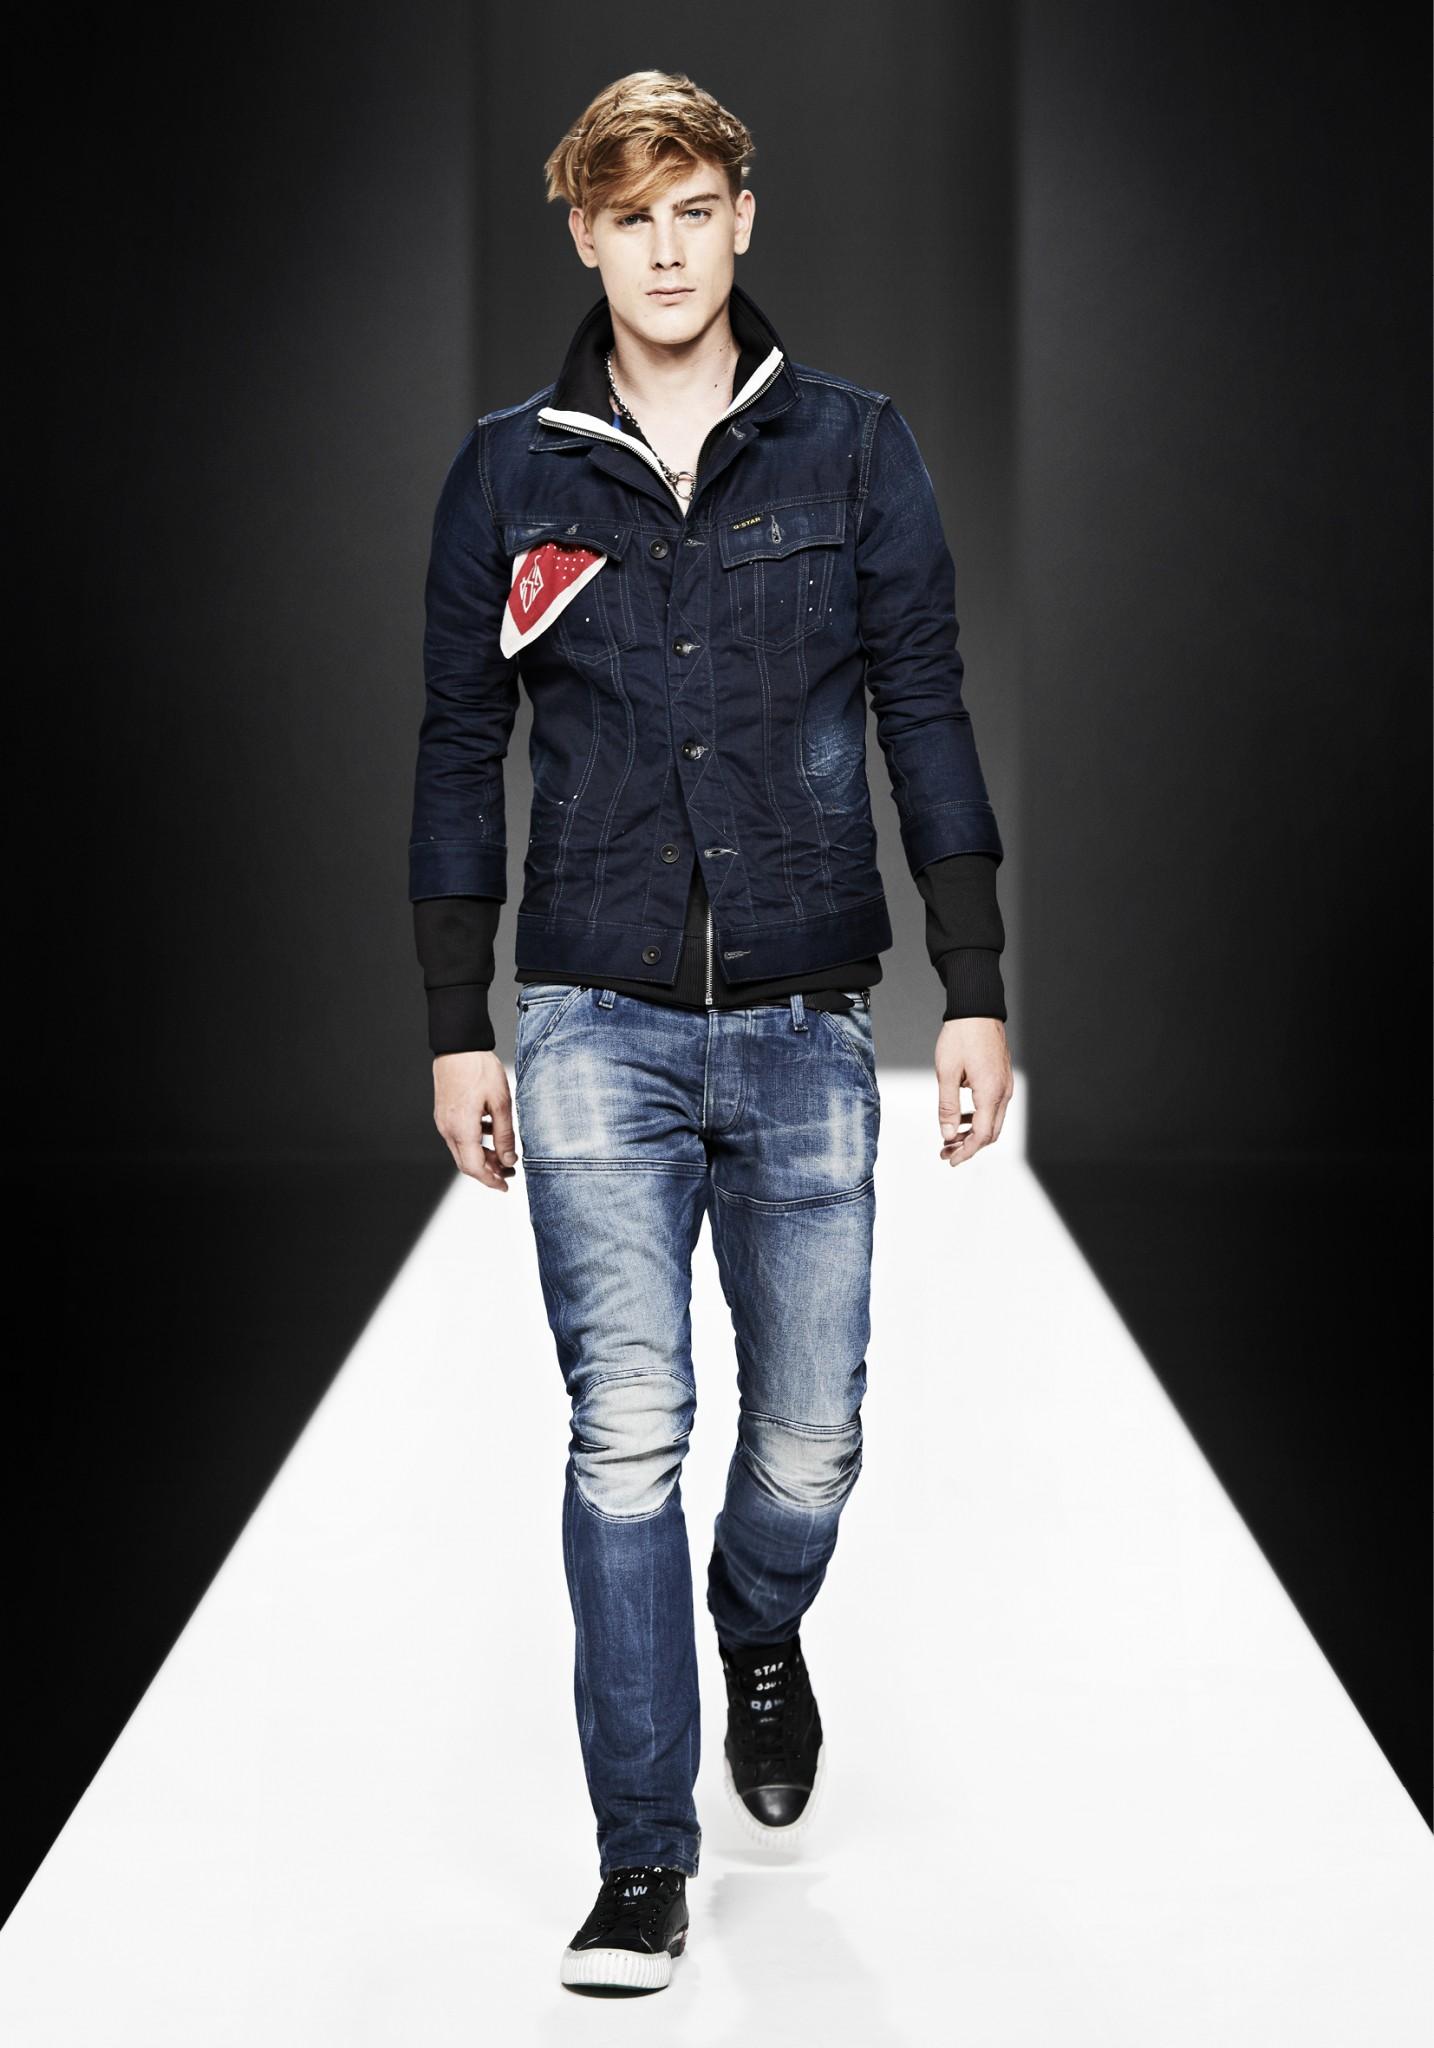 Slim tailor jkt_RS Poulidor vest_5620 3D super slim